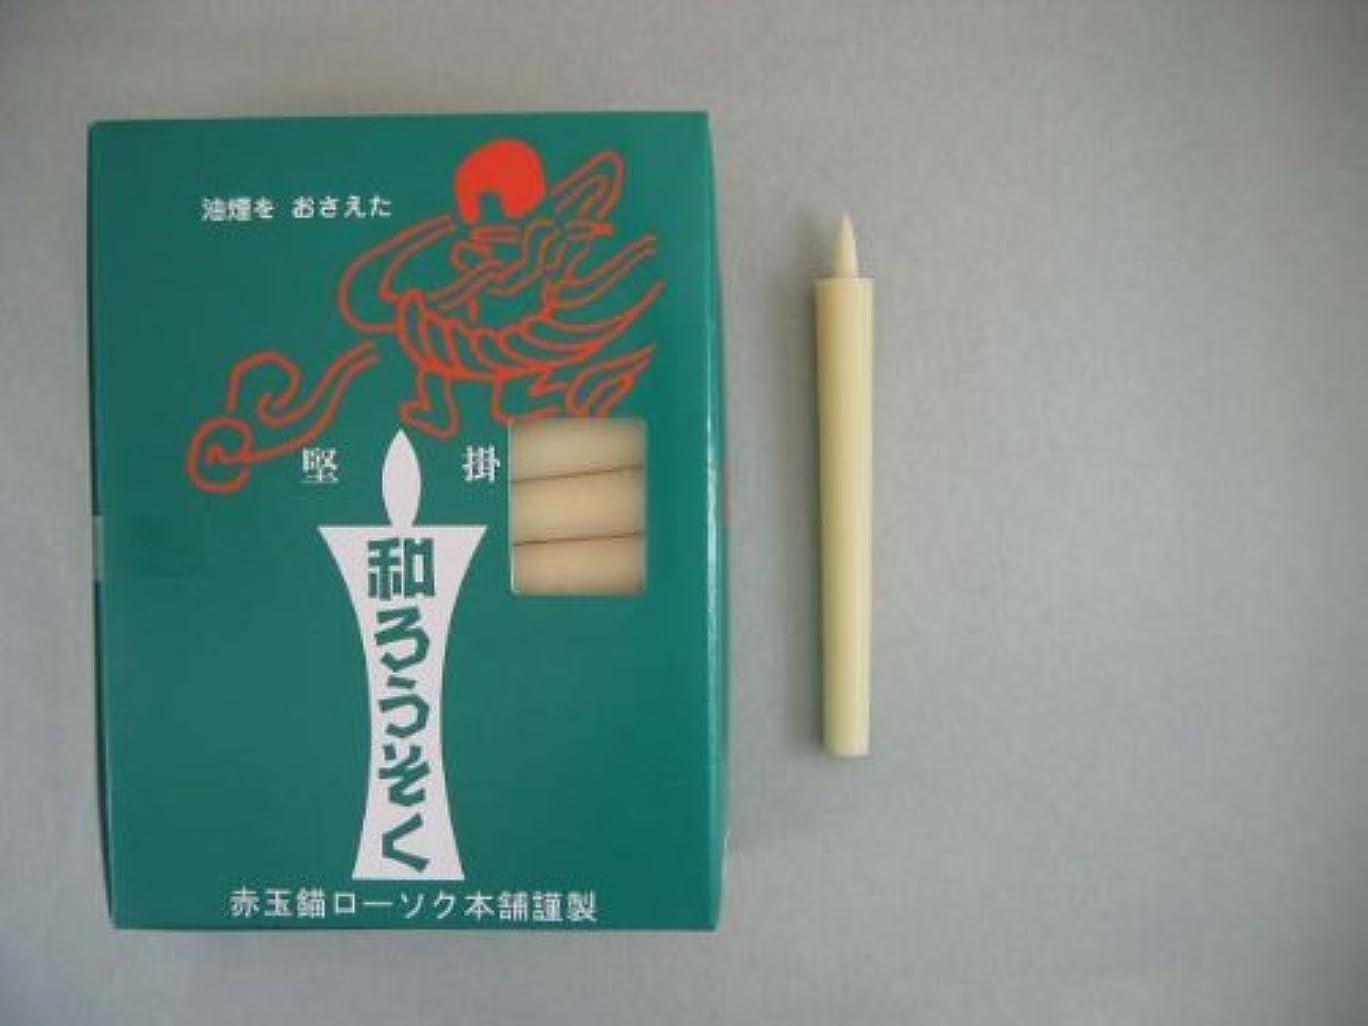 大バラ色熱望する和ろうそく 型和蝋燭 ローソク 棒 1.5号 白 65本入り 45分燃焼